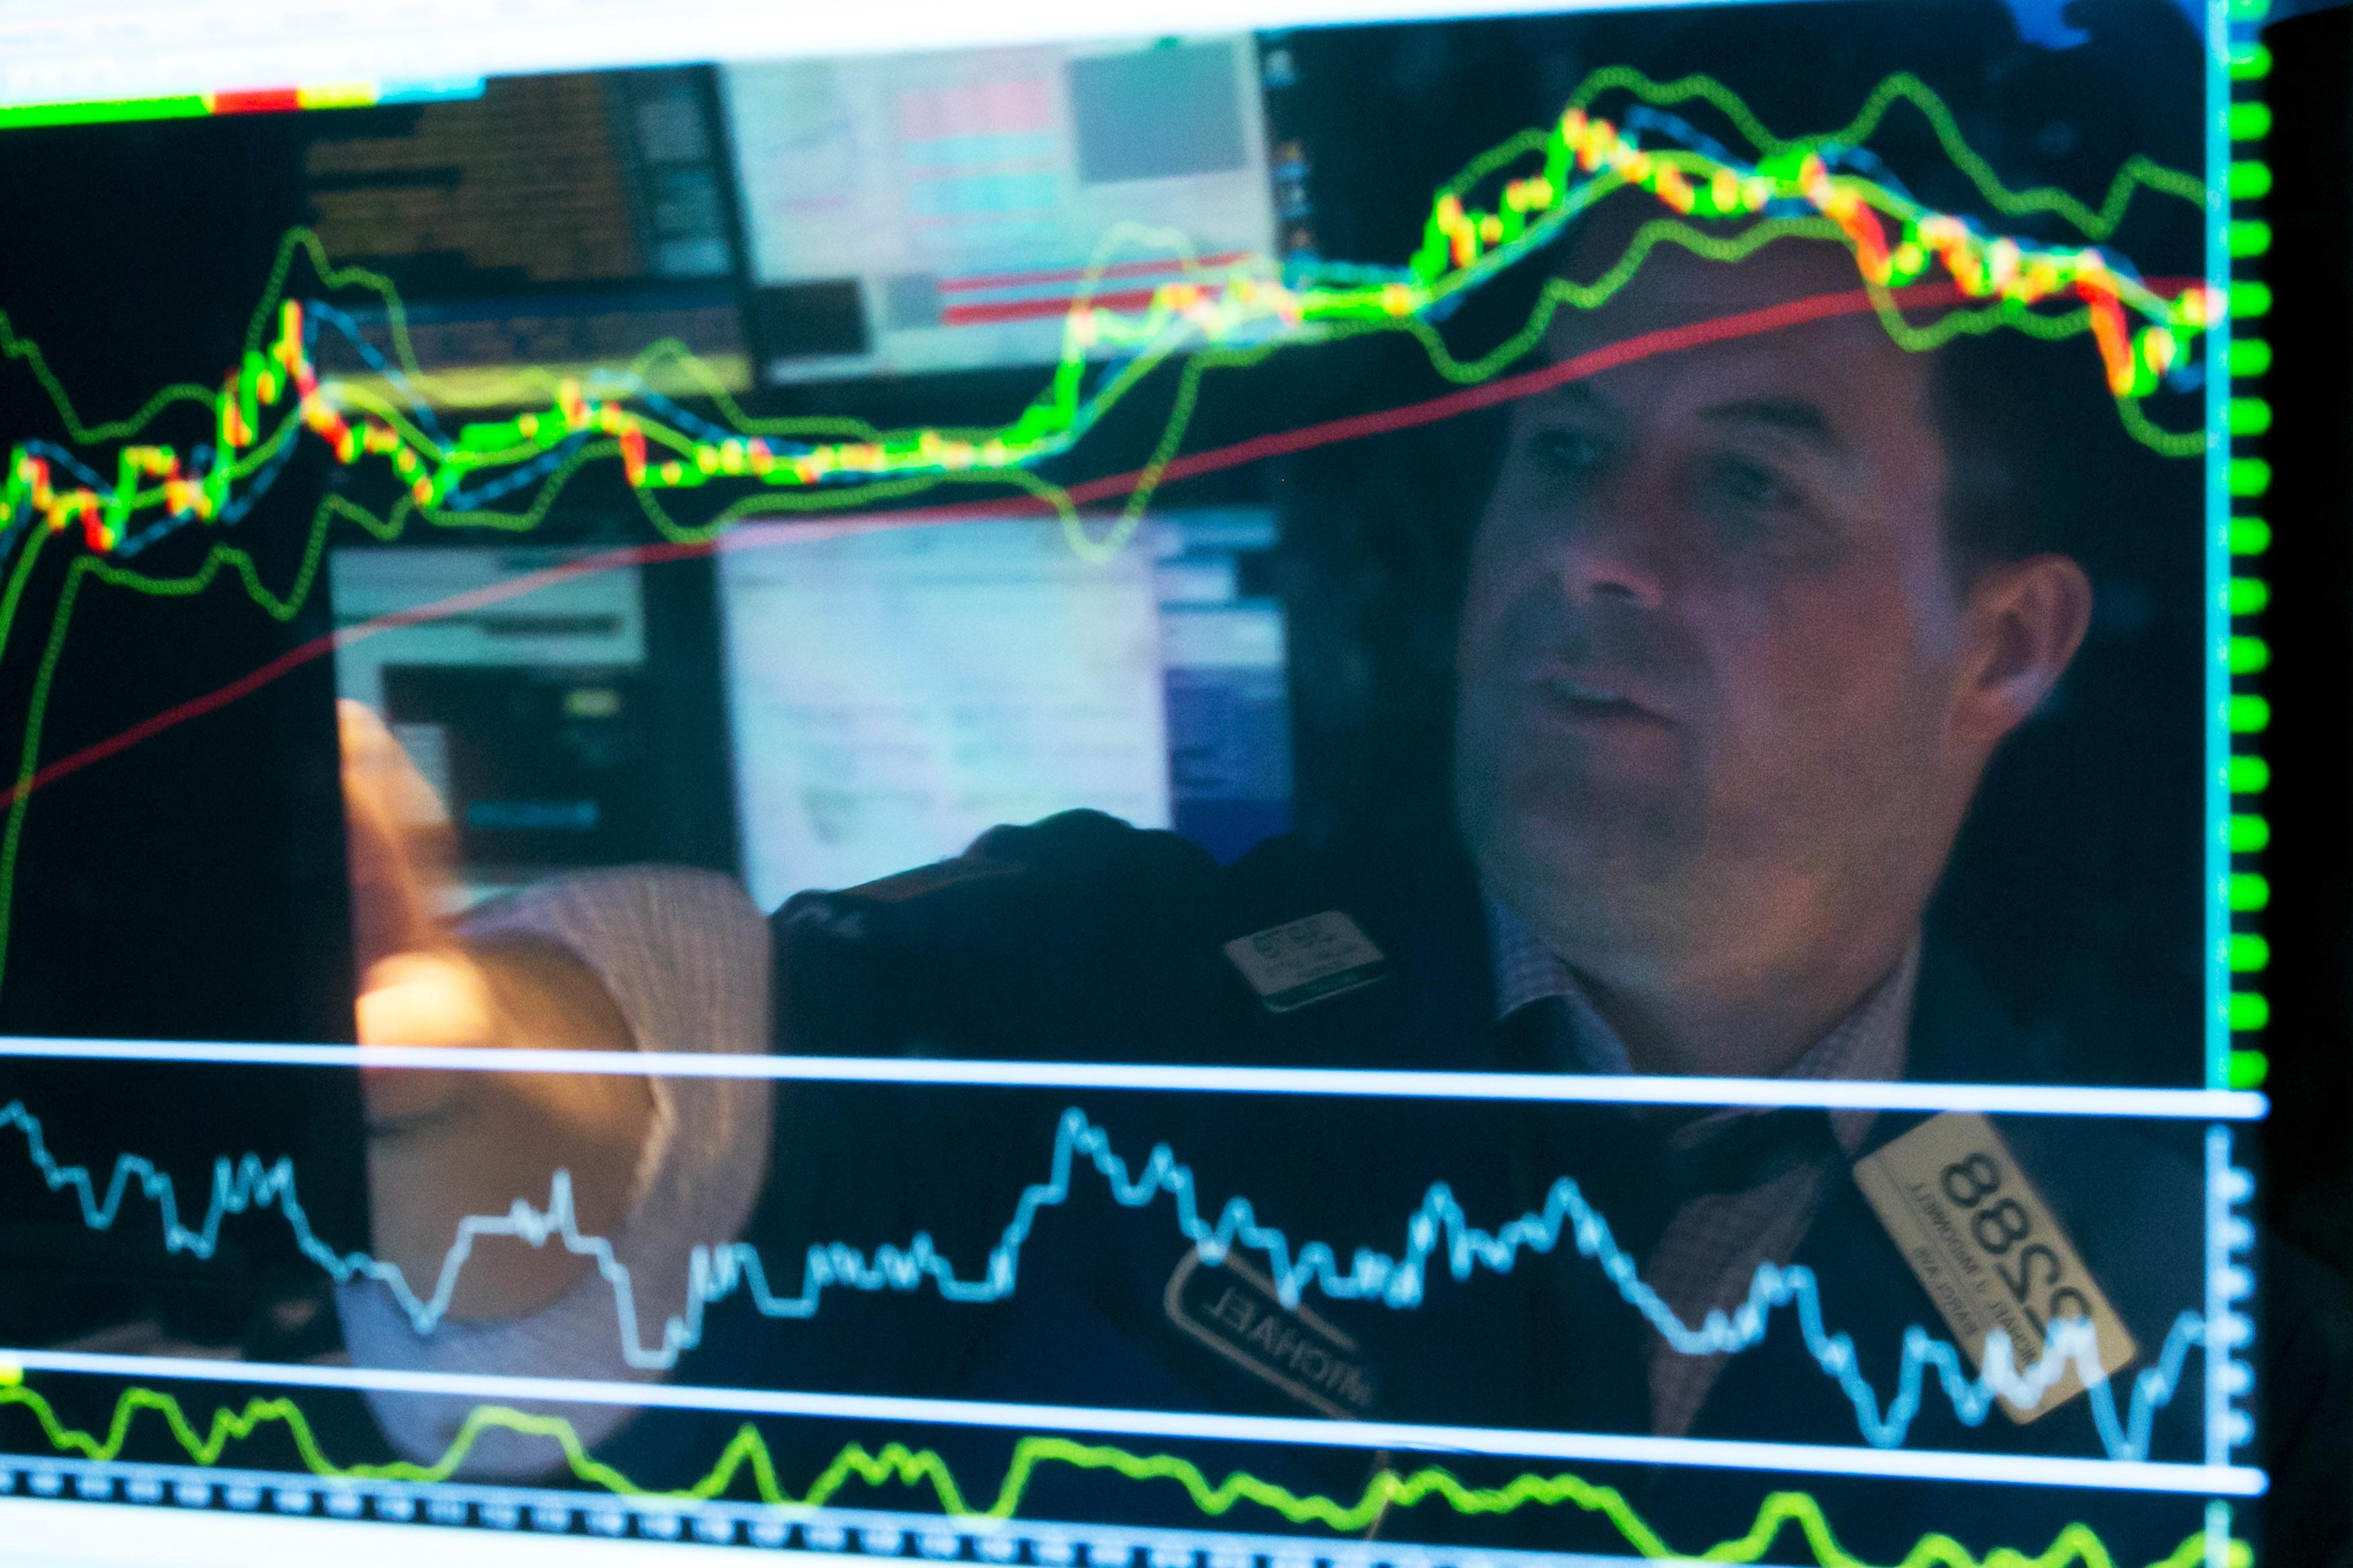 """Според данните на икономистите от Висшето икономическо училище разтеж в руската икономика може да започне едва през 2016 година. """"До края на годината ще протича само """"забавяне на снижаването"""", а през 2016 година може да се очаква """"неголям фонов ръст"""", се казва в изследването."""